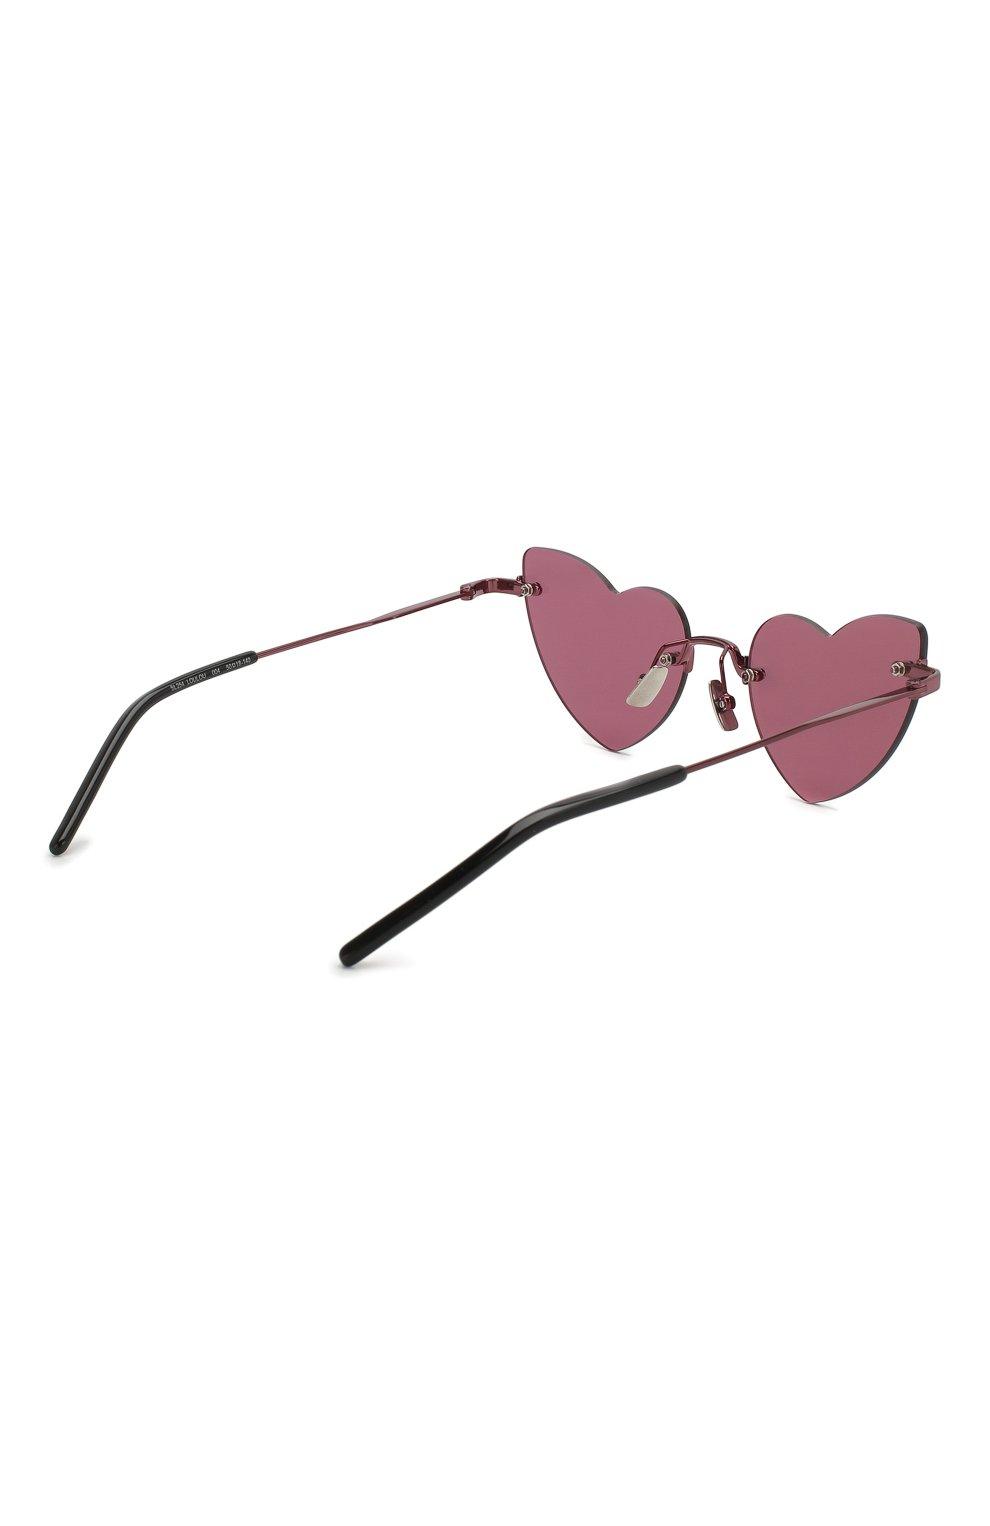 Женские солнцезащитные очки SAINT LAURENT фиолетового цвета, арт. SL 254 L0UL0U 004 | Фото 4